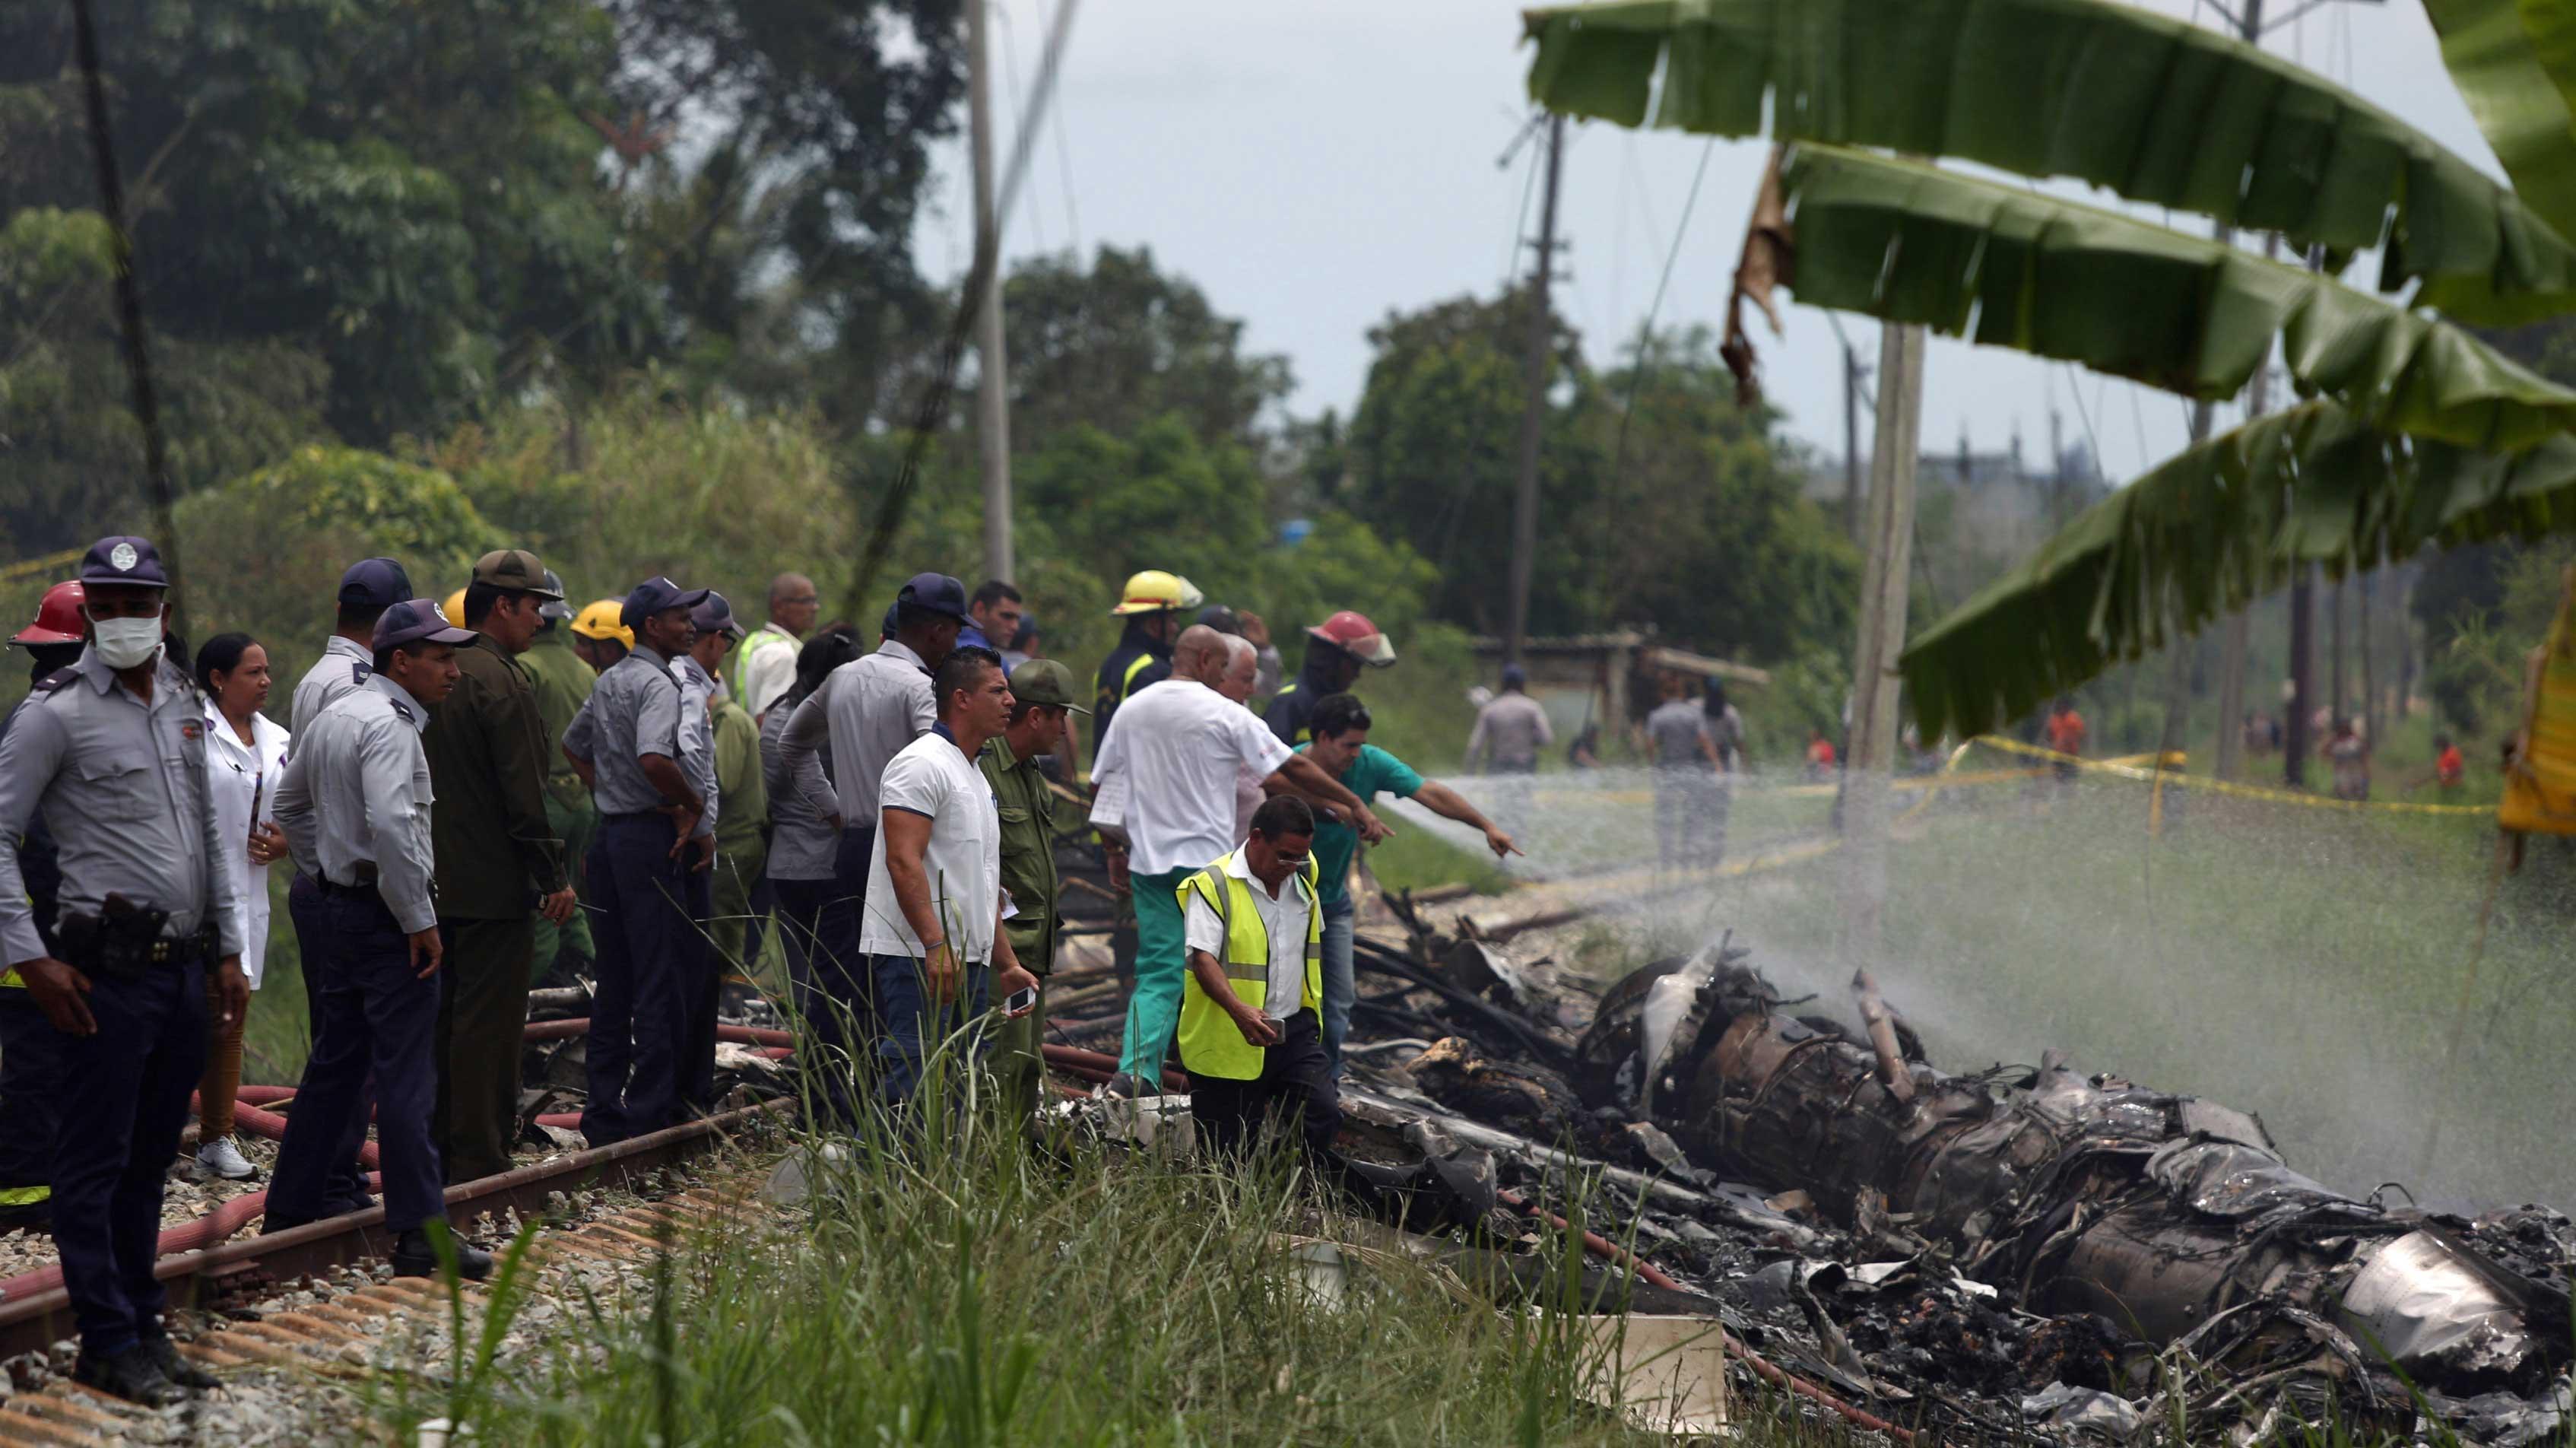 Наместе падения самолета наКубе отыскали «черный ящик»